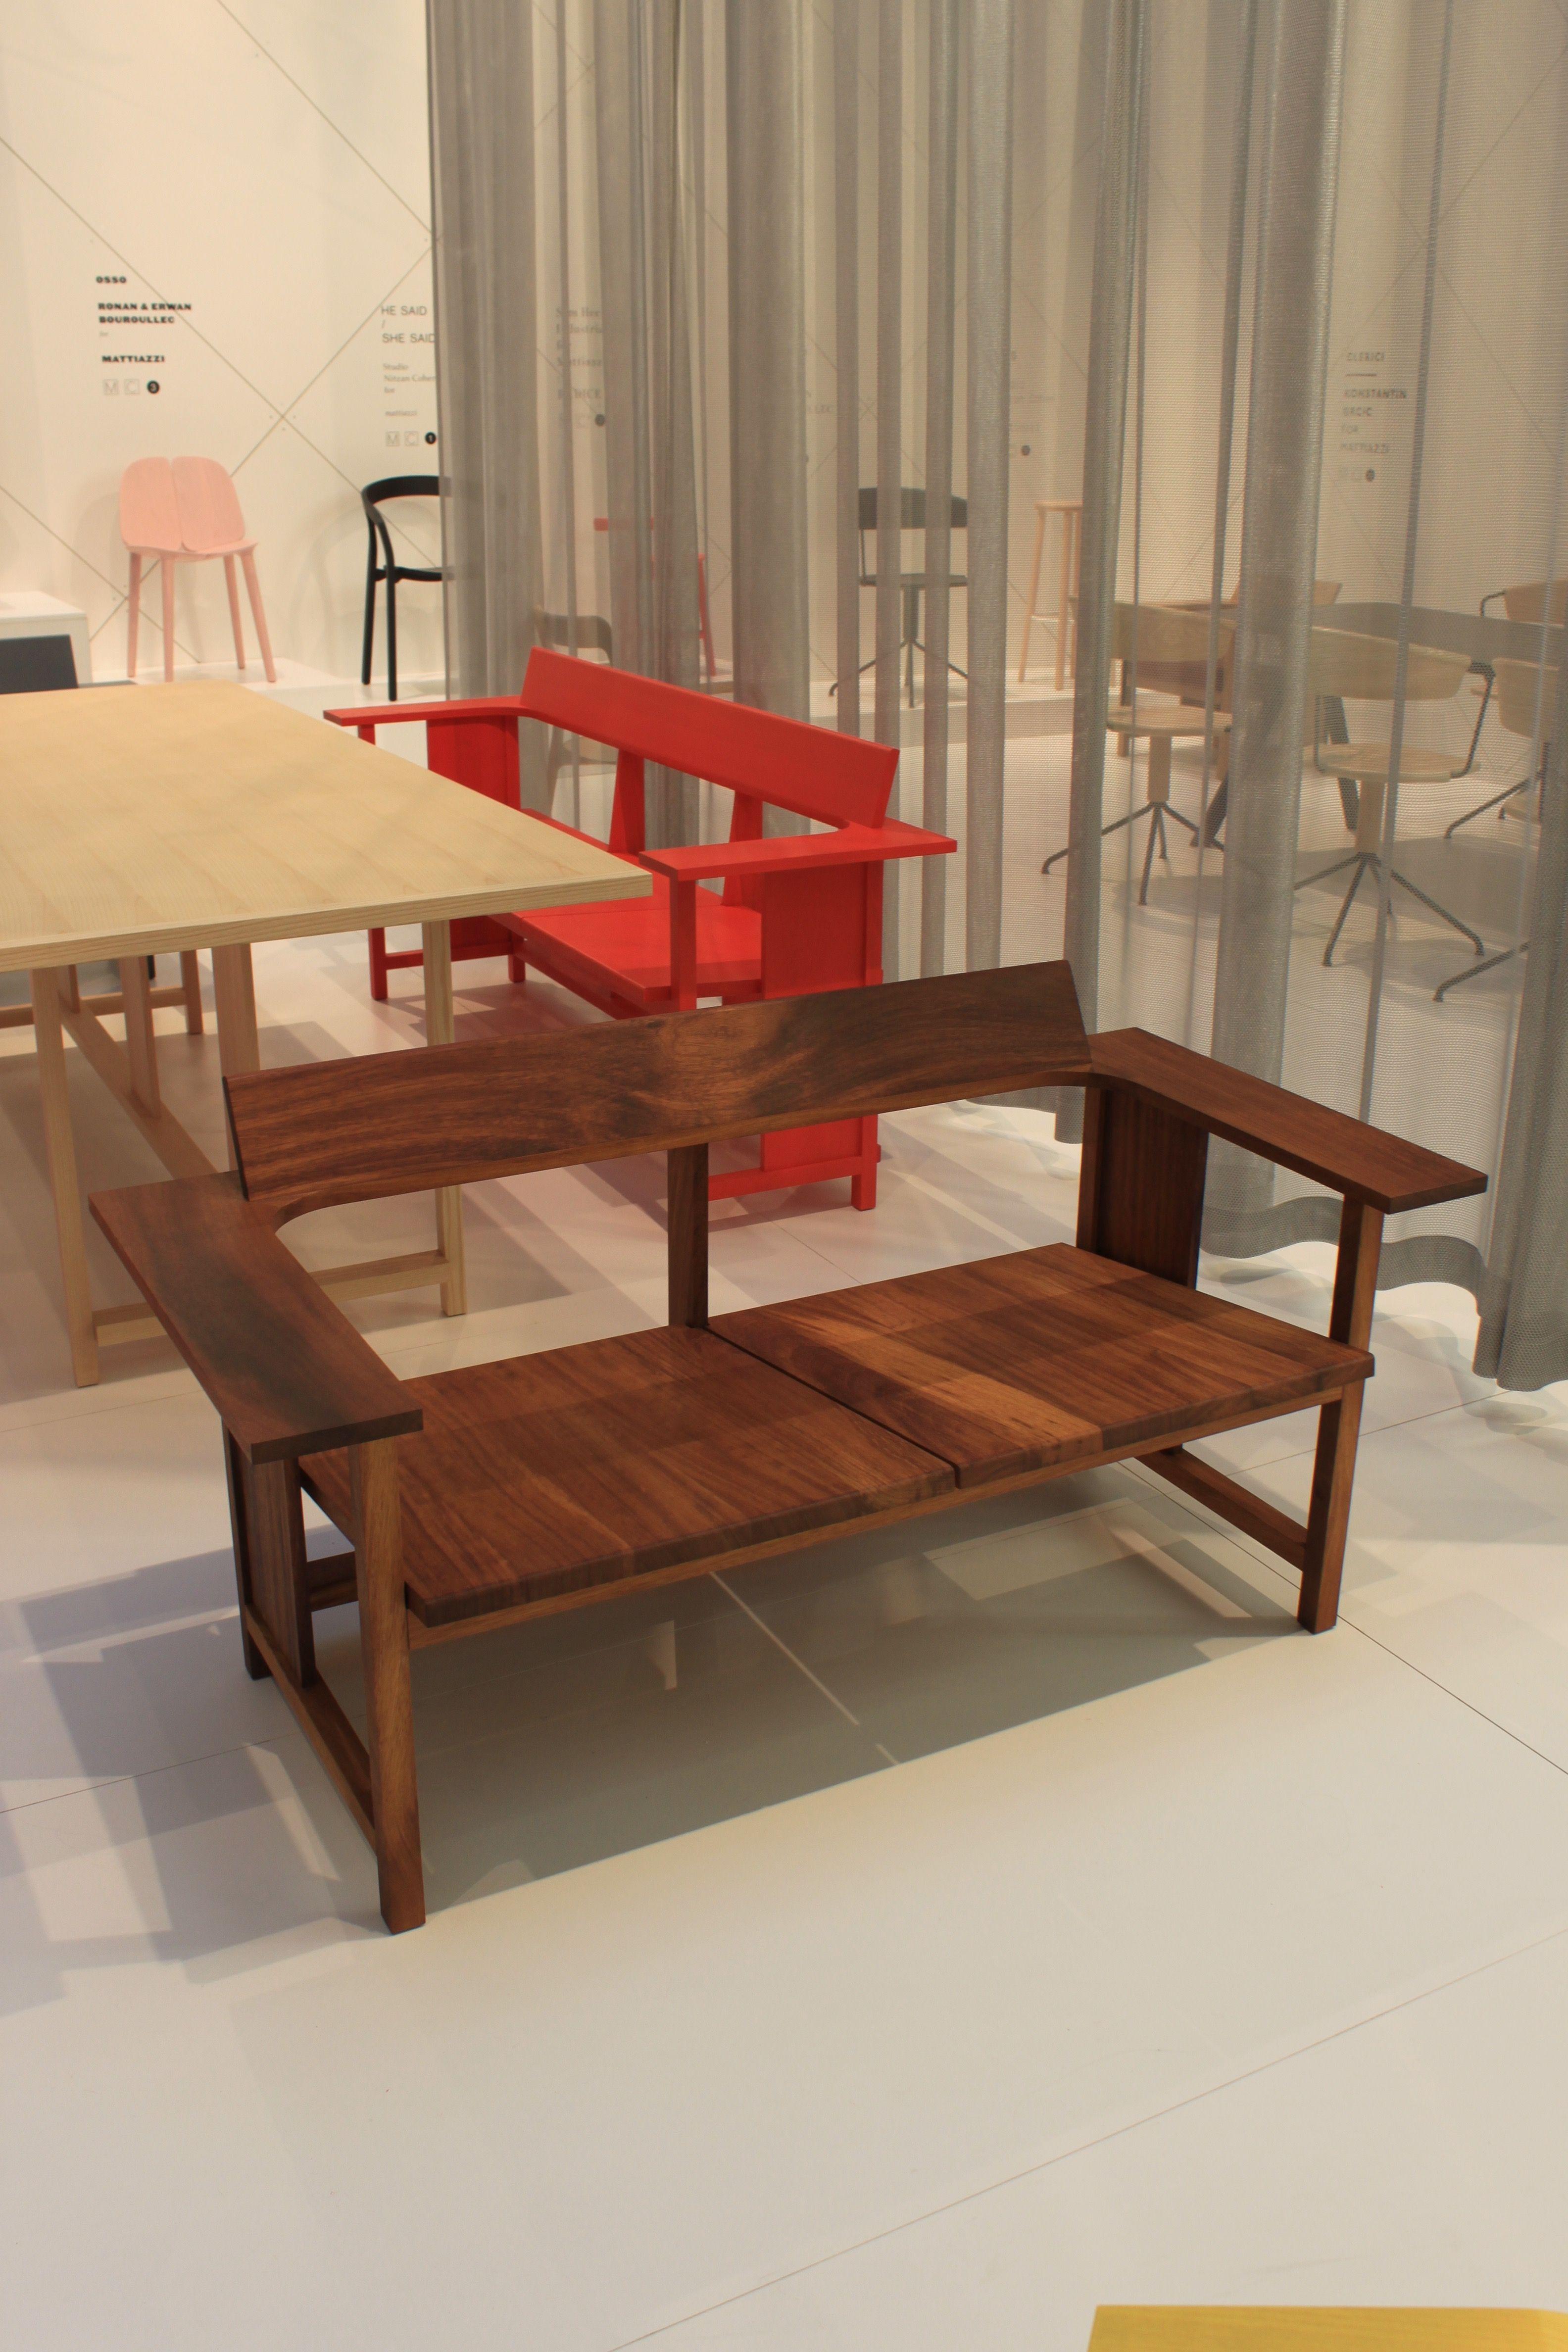 940d3c338f9dfb519f4728dfc903f01d Impressionnant De Table Bar Exterieur Conception